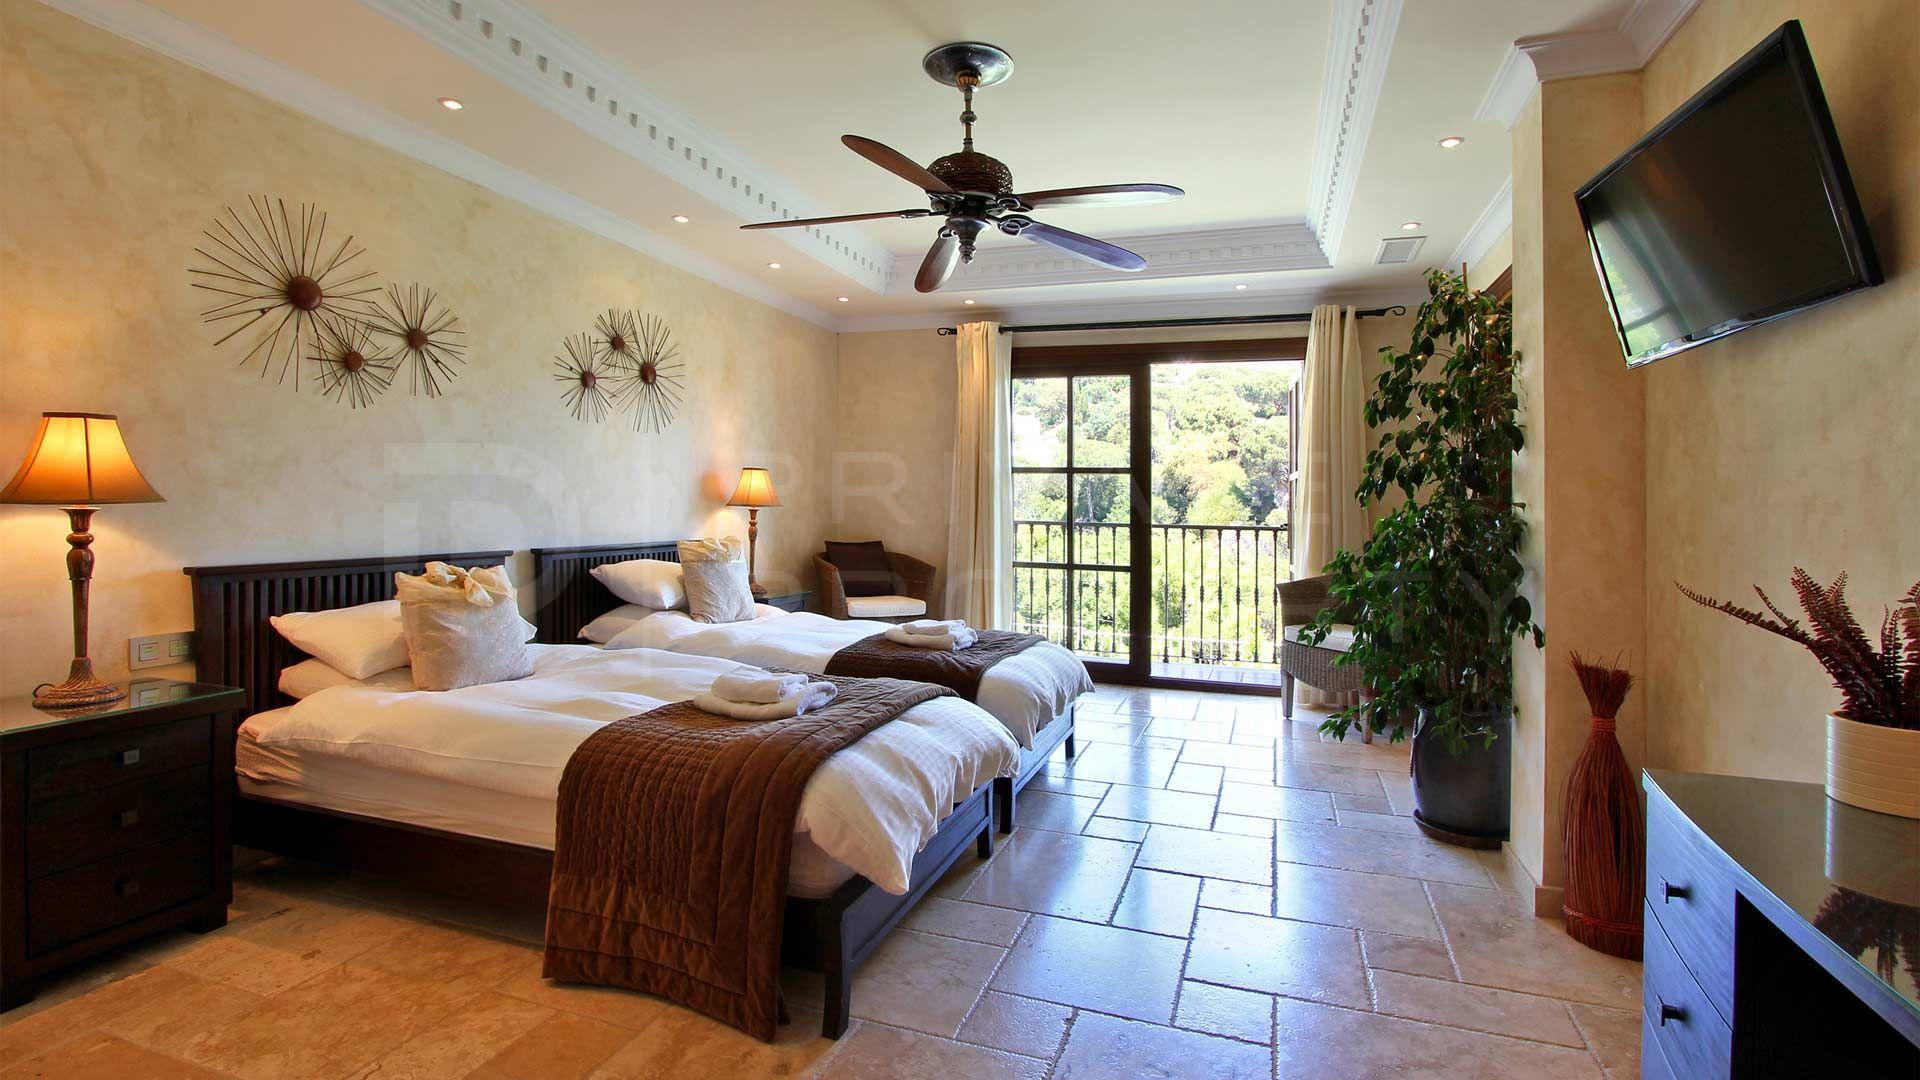 Villa for rent in El Madroñal